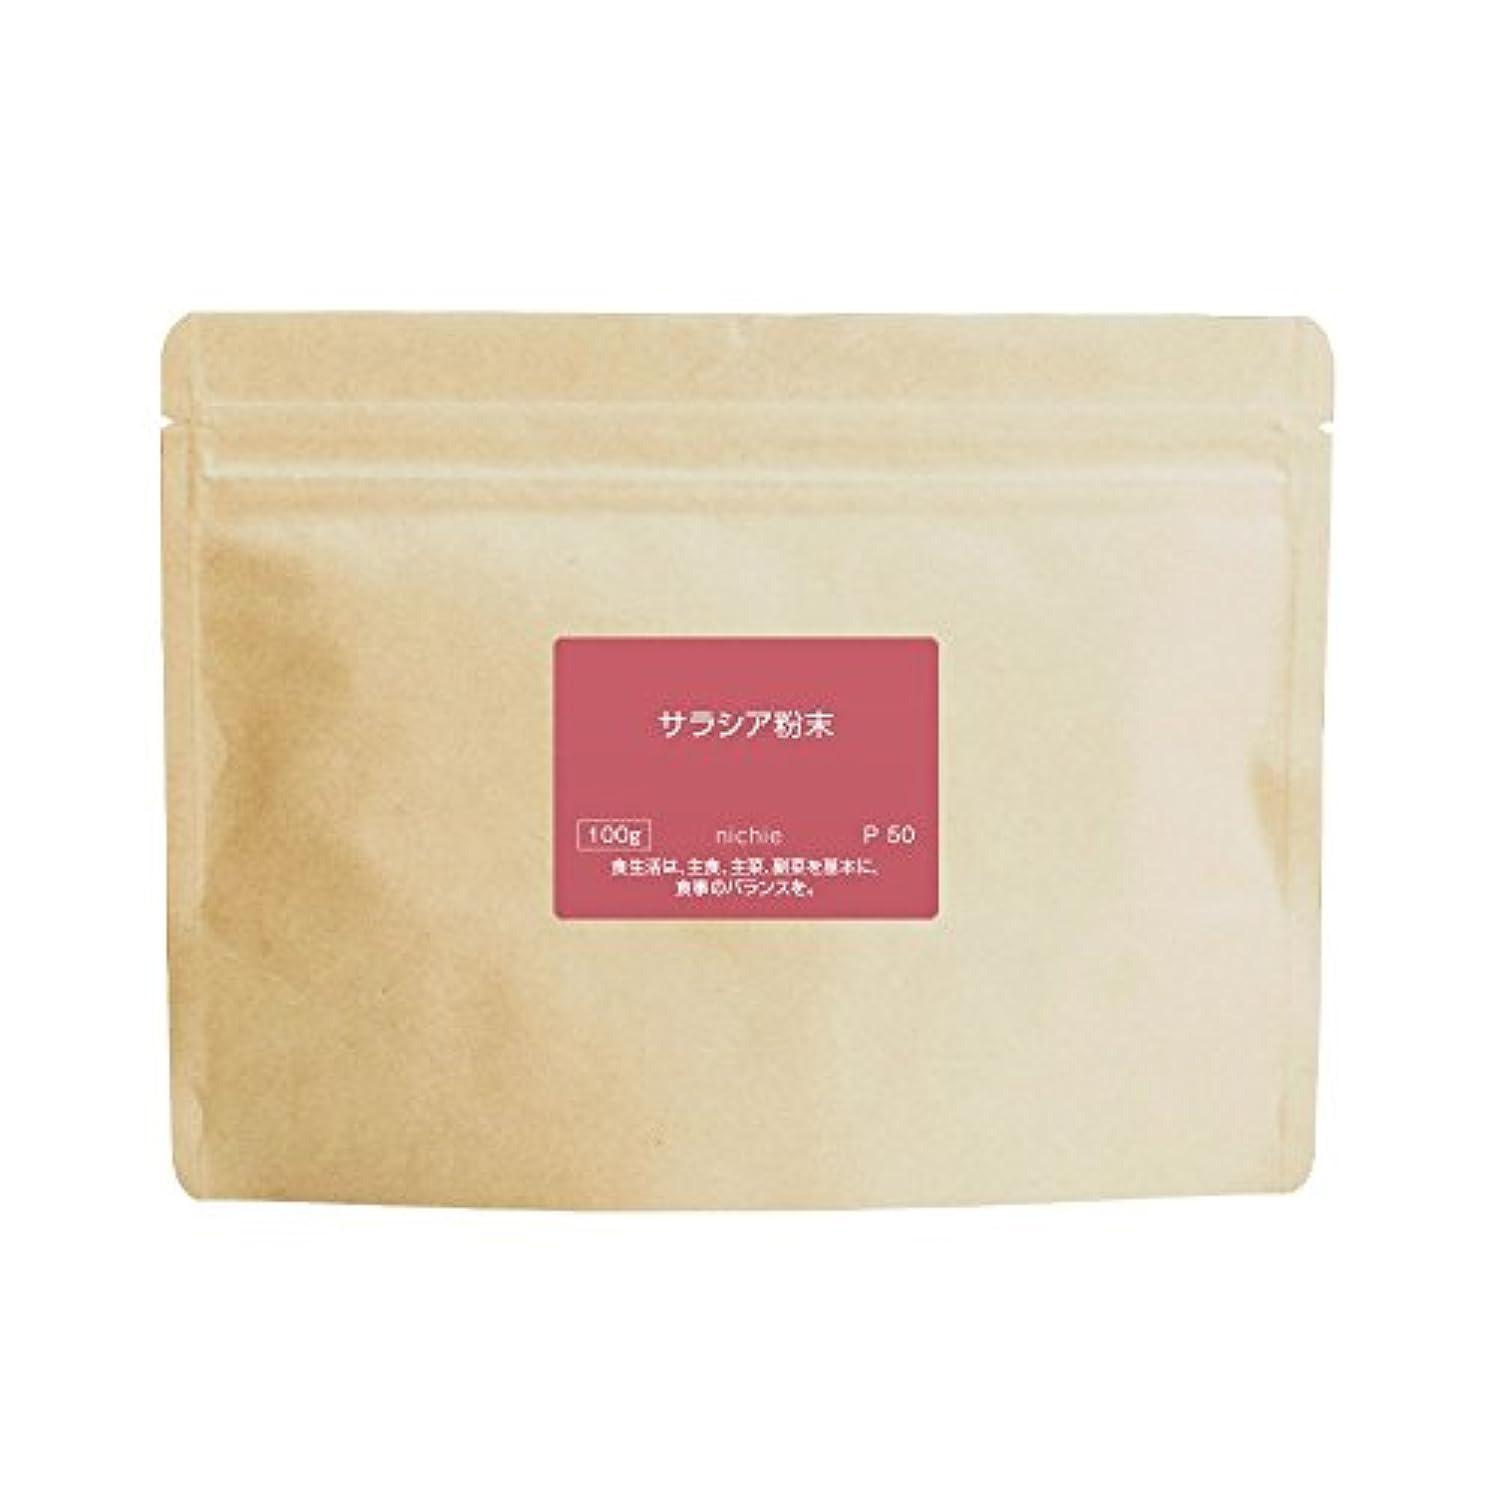 バットナプキン厚さnichie サラシア 100% インド産 パウダー 100g